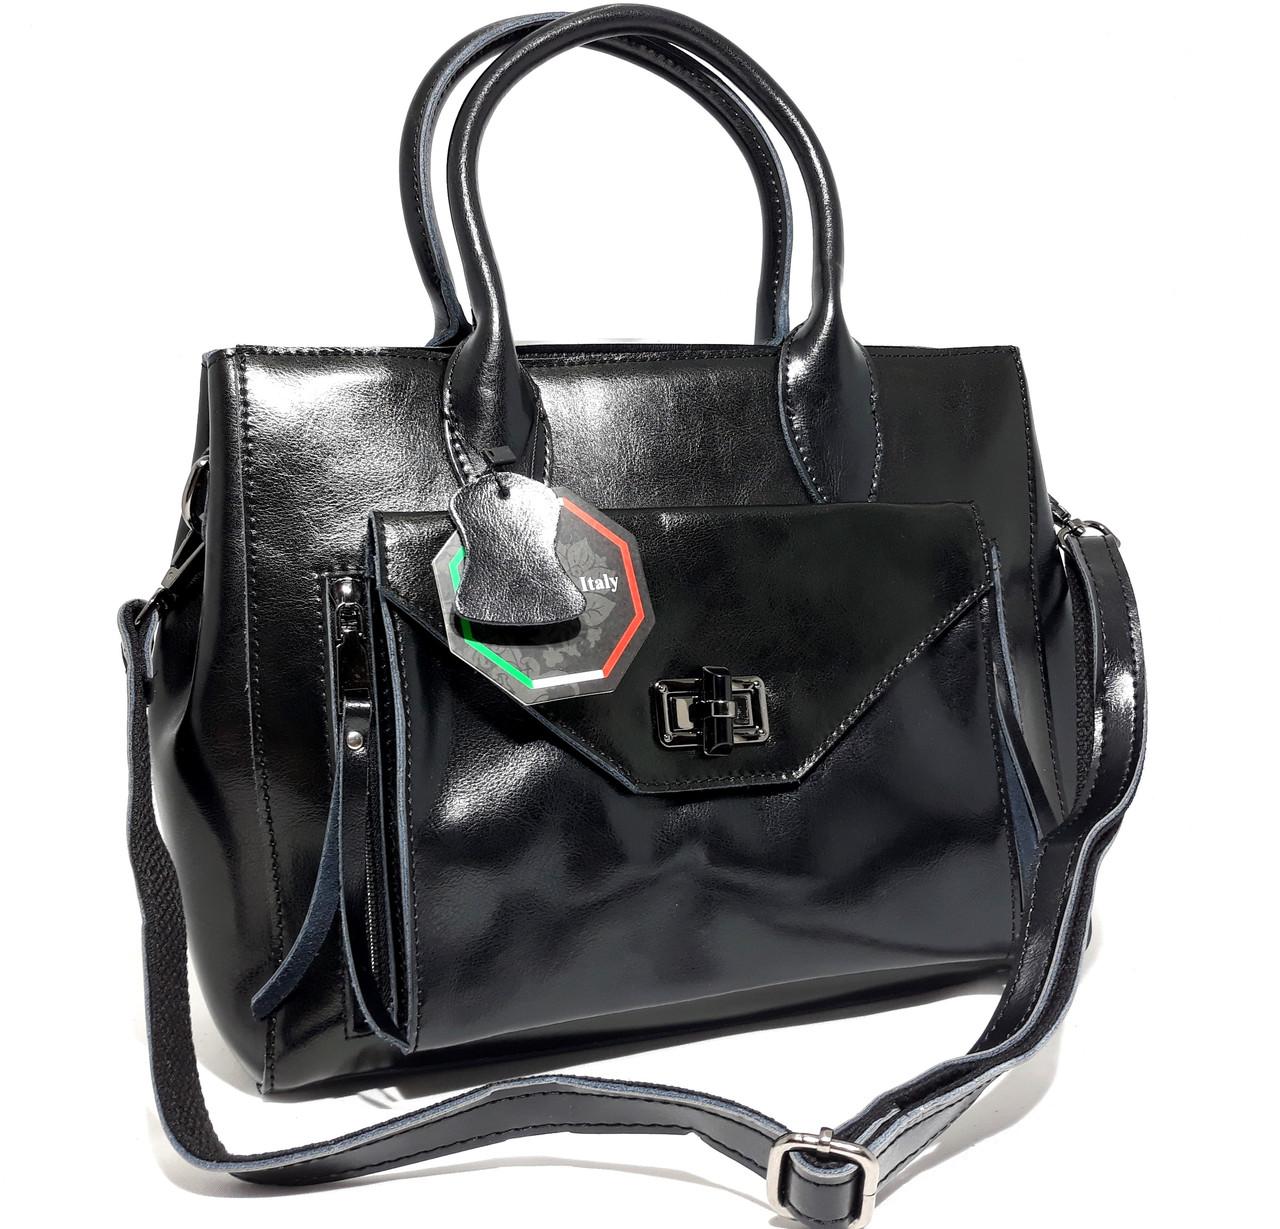 60129a84a061 Повседневная кожаная женская сумка Galanty черная: продажа, цена в ...